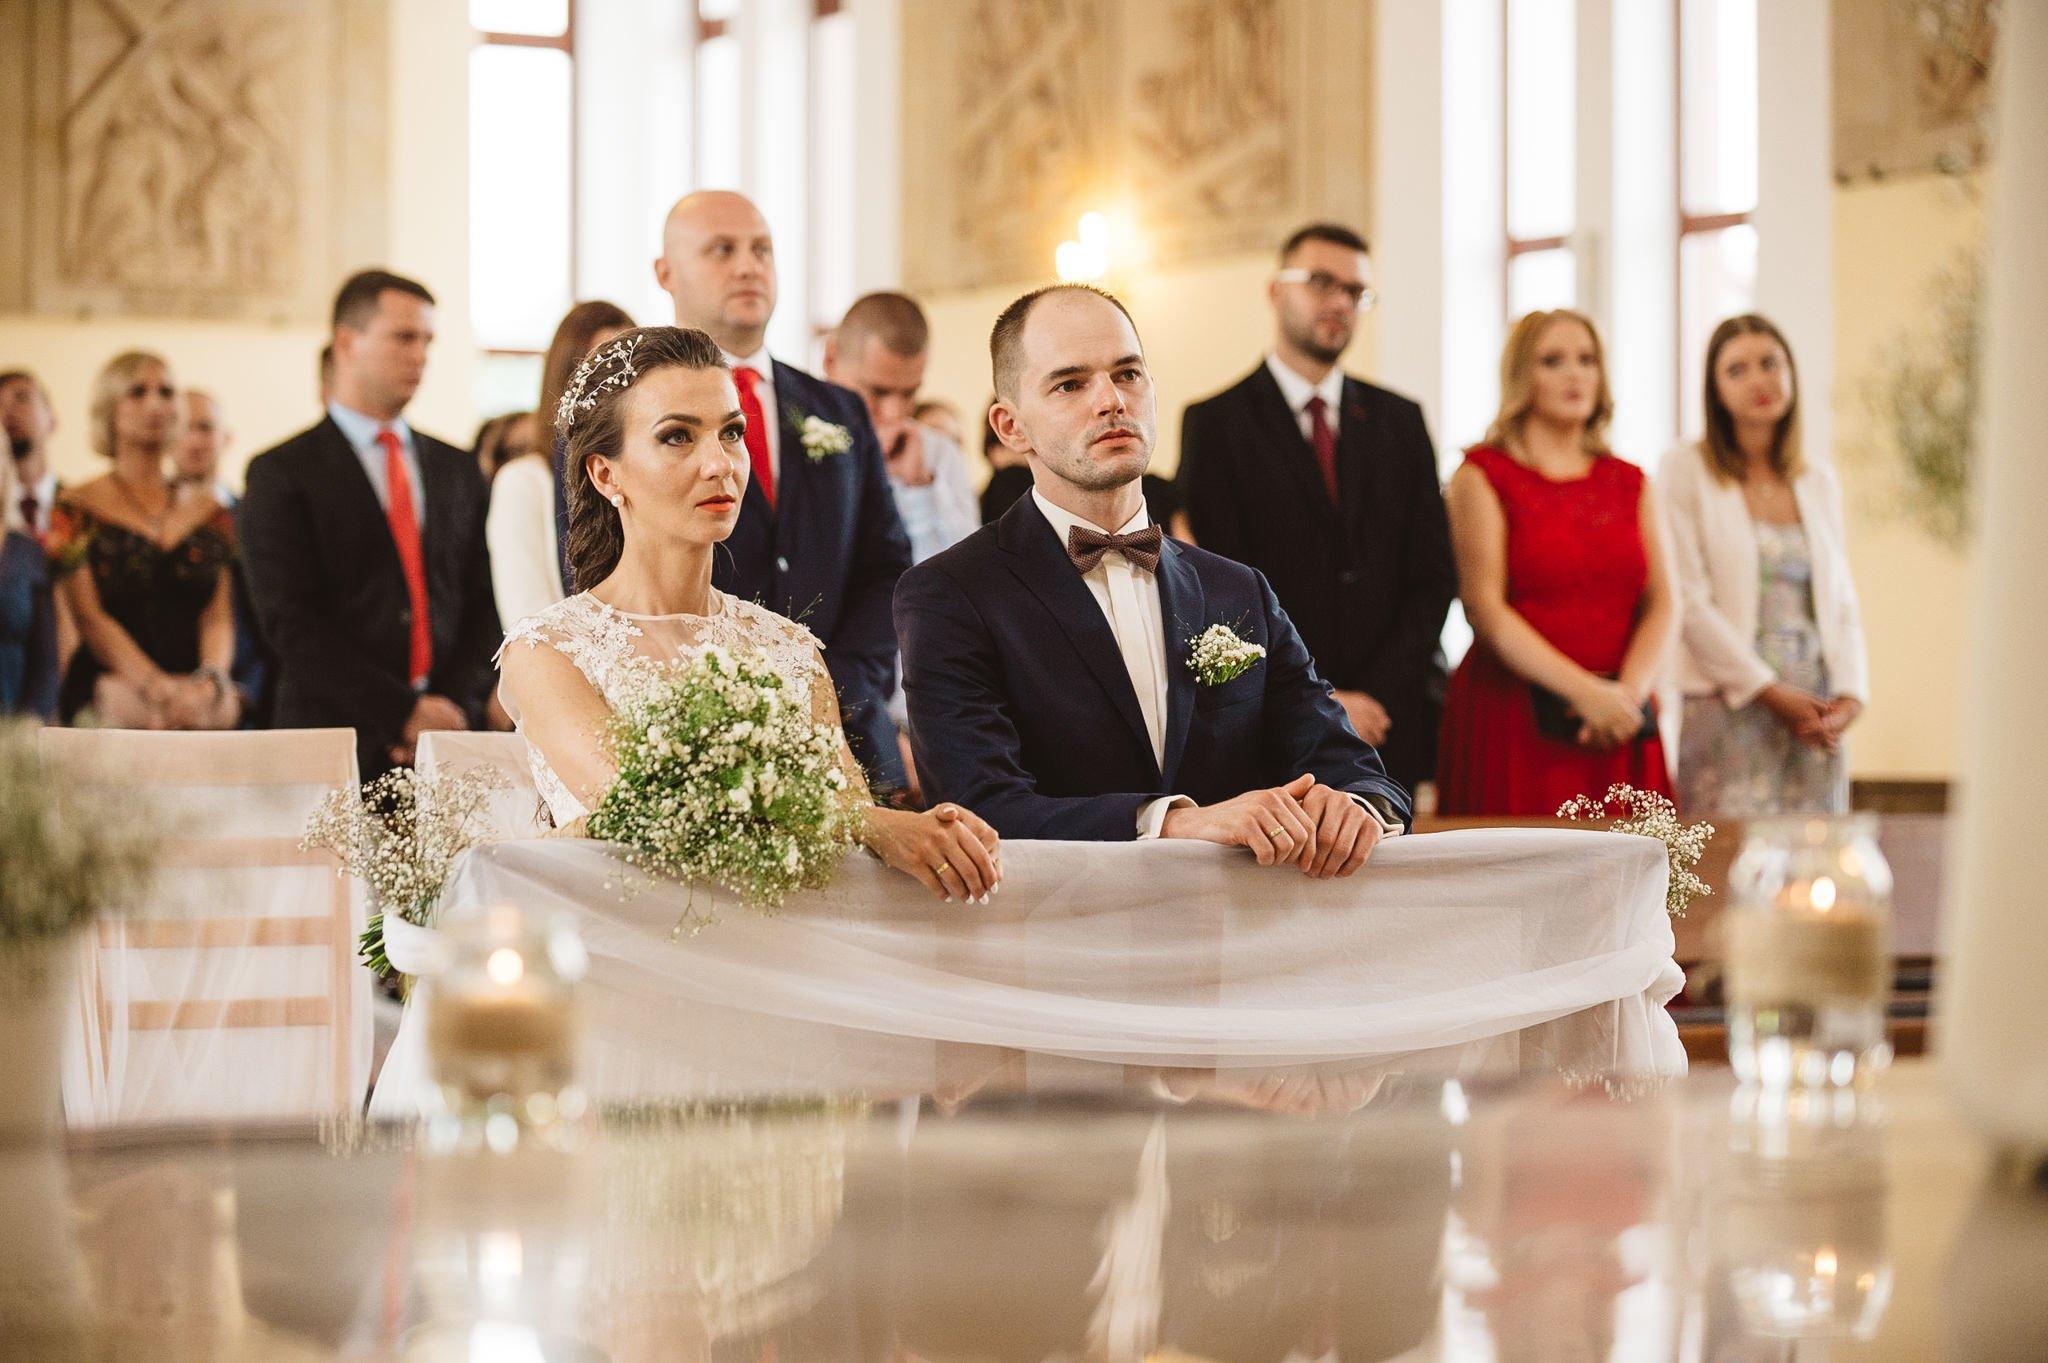 Ala i Arek, czyli jak zorganizować ślub i wesele w 4 tygodnie! 121